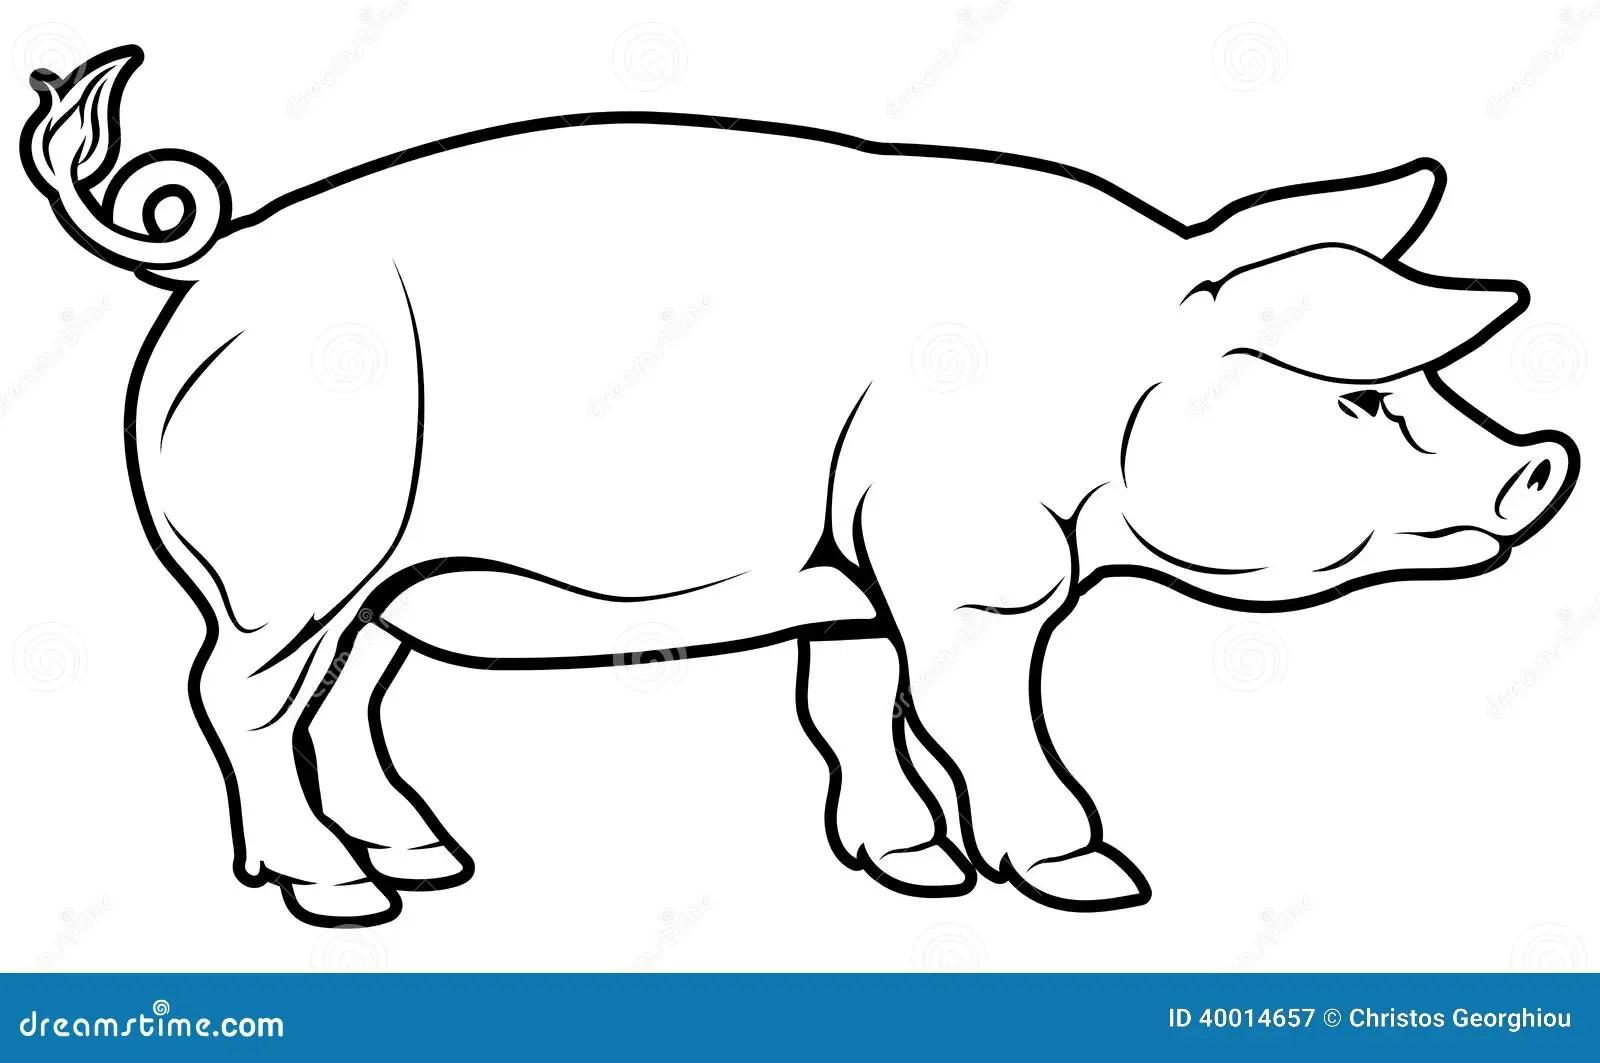 Pig Illustration Stock Vector